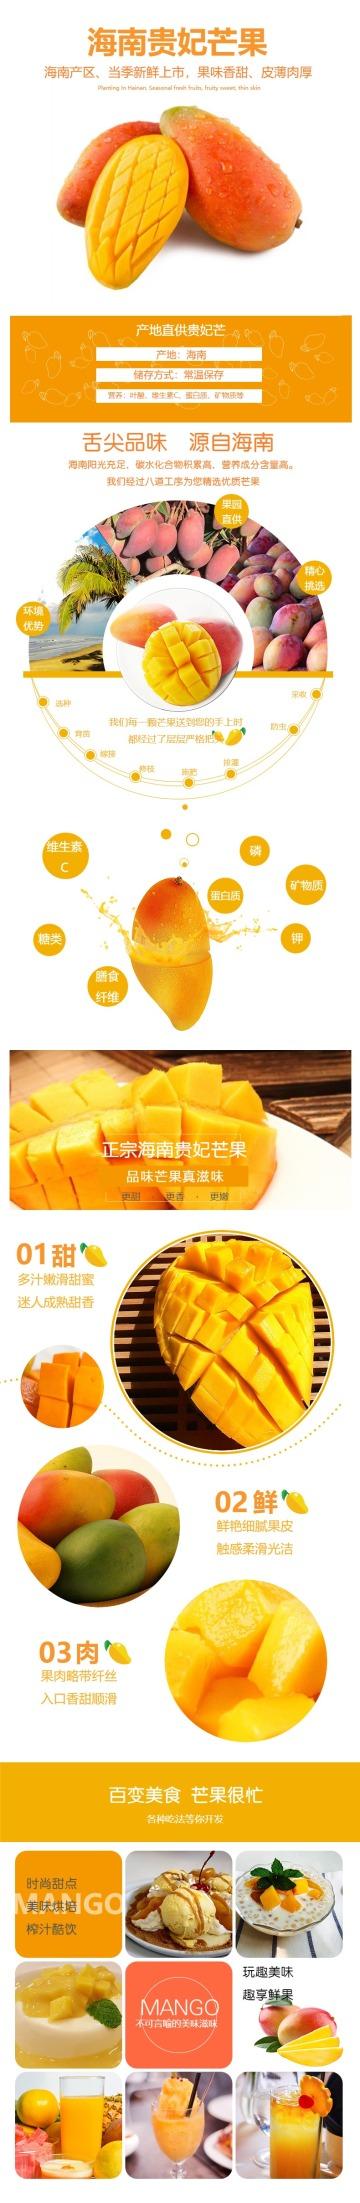 清新简约黄色百货零售生鲜水果芒果促销电商详情页